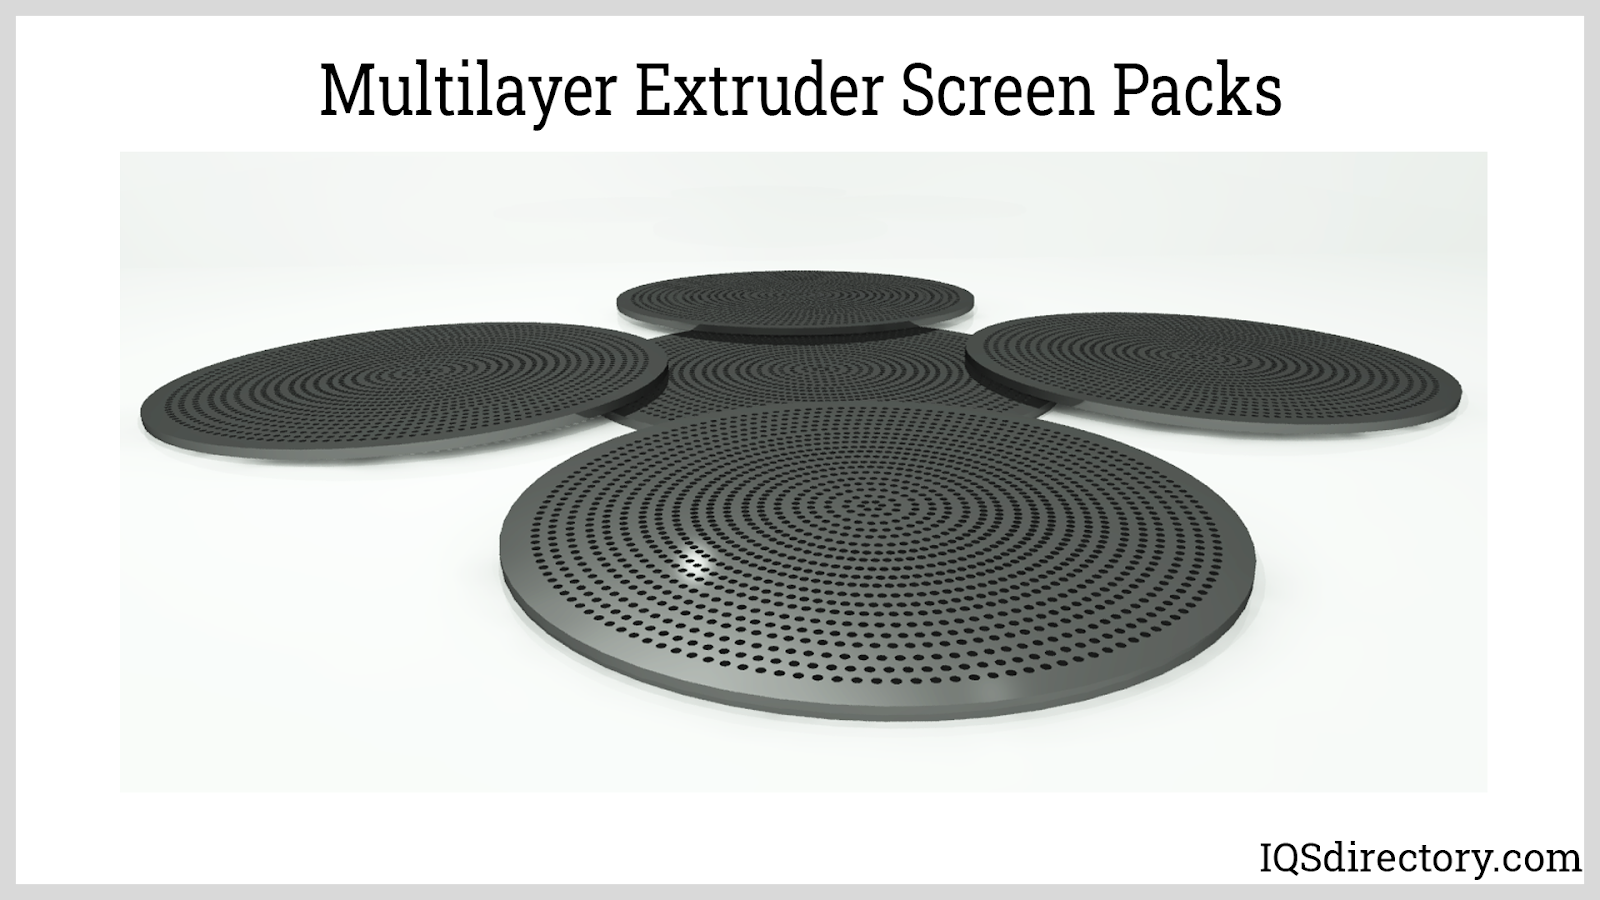 Multilayer Extruder Screen Packs